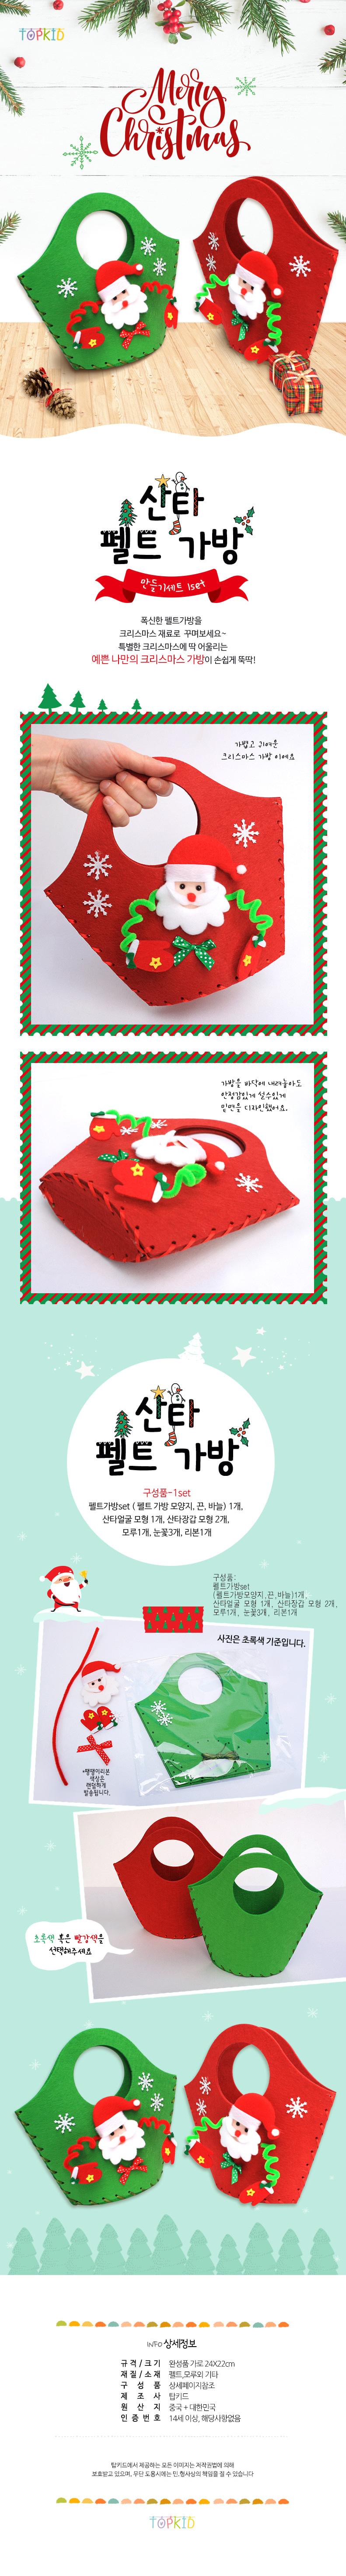 산타 펠트가방 - 하비파티, 2,000원, 장식품, 크리스마스소품